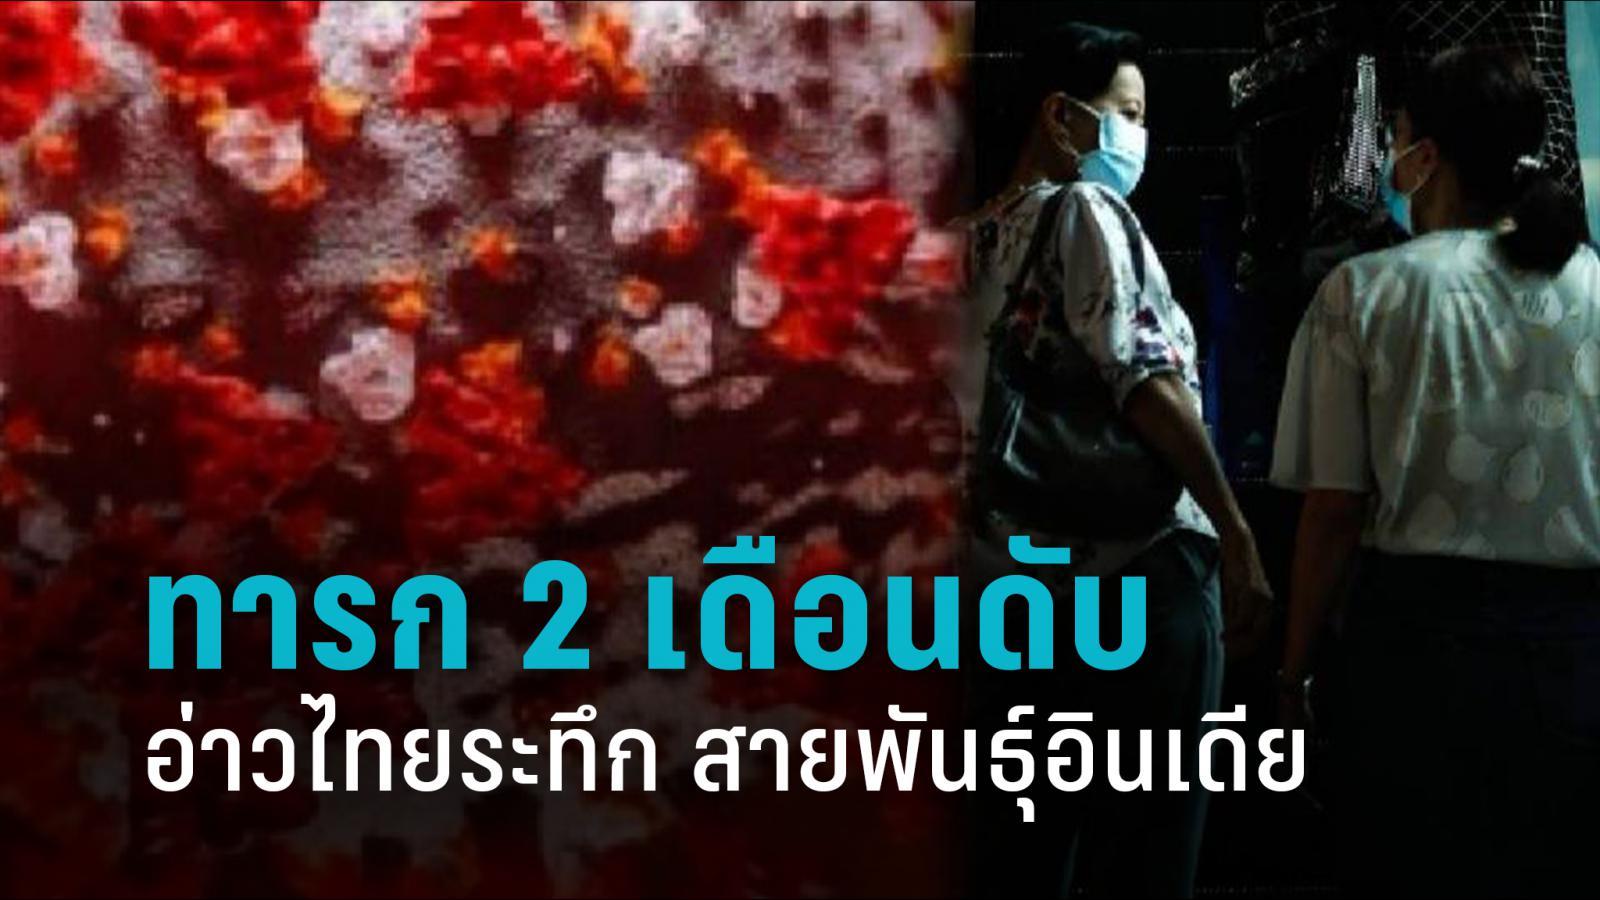 เศร้า! ทารก 2 เดือนดับ โควิดคร่าชีวิตอีก 35 ติดเชื้อ +2,473  ระทึก วิศวกรแท่นขุดเจาะอ่าวไทย มาจากอินเดียติดเชื้อ